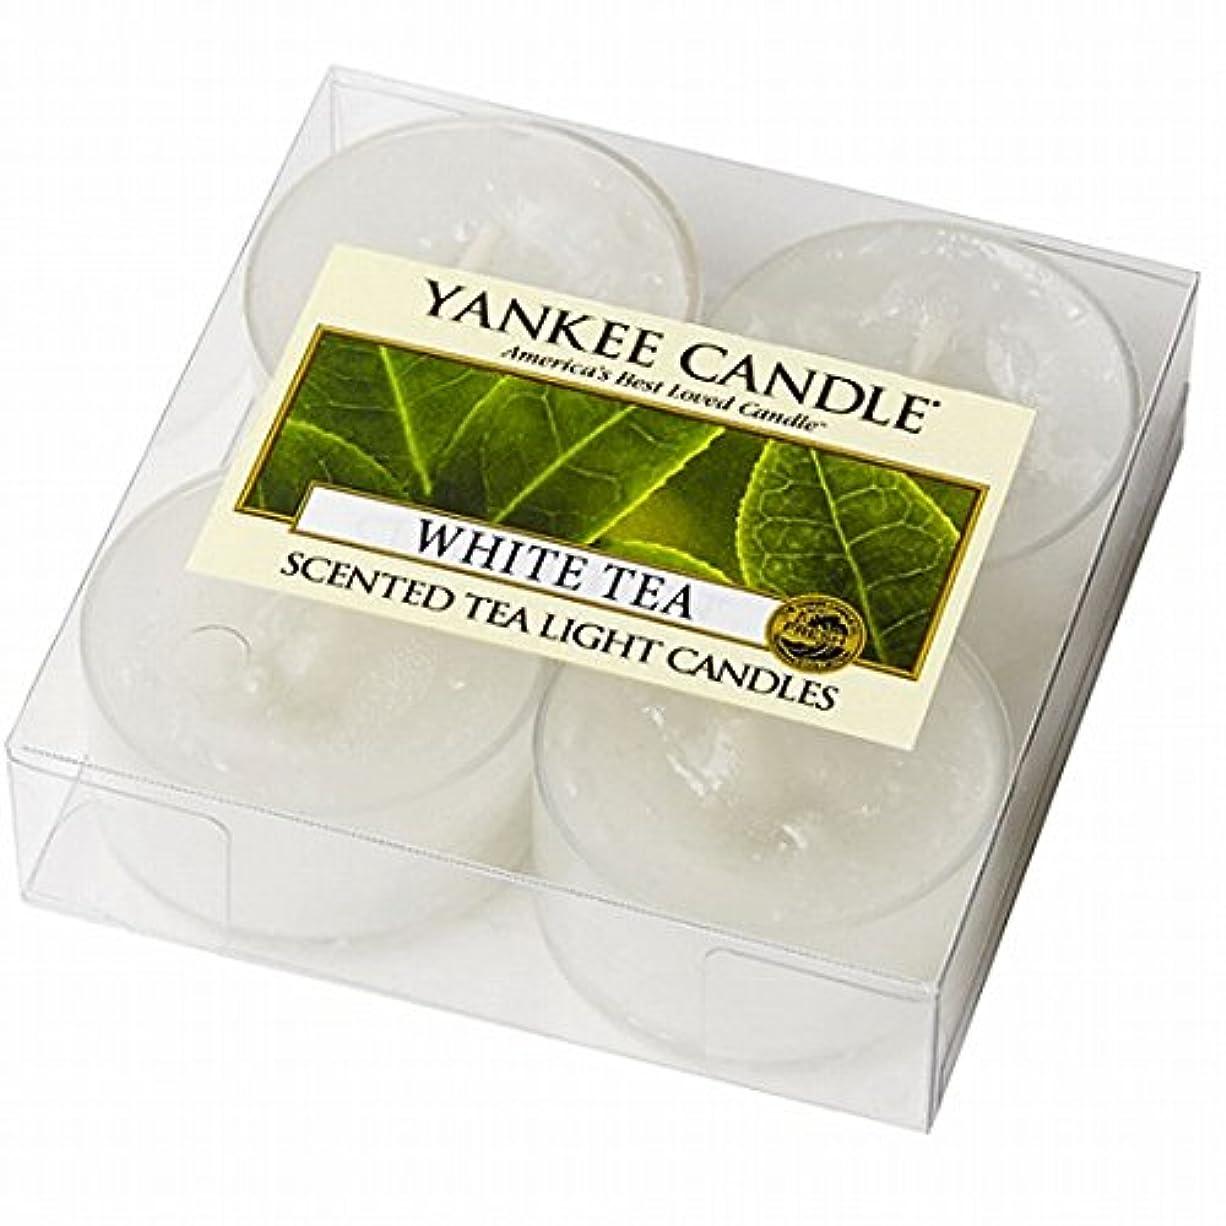 バック汚す取るYANKEE CANDLE(ヤンキーキャンドル) YANKEE CANDLE クリアカップティーライト4個入り 「ホワイトティー」(K00205277)